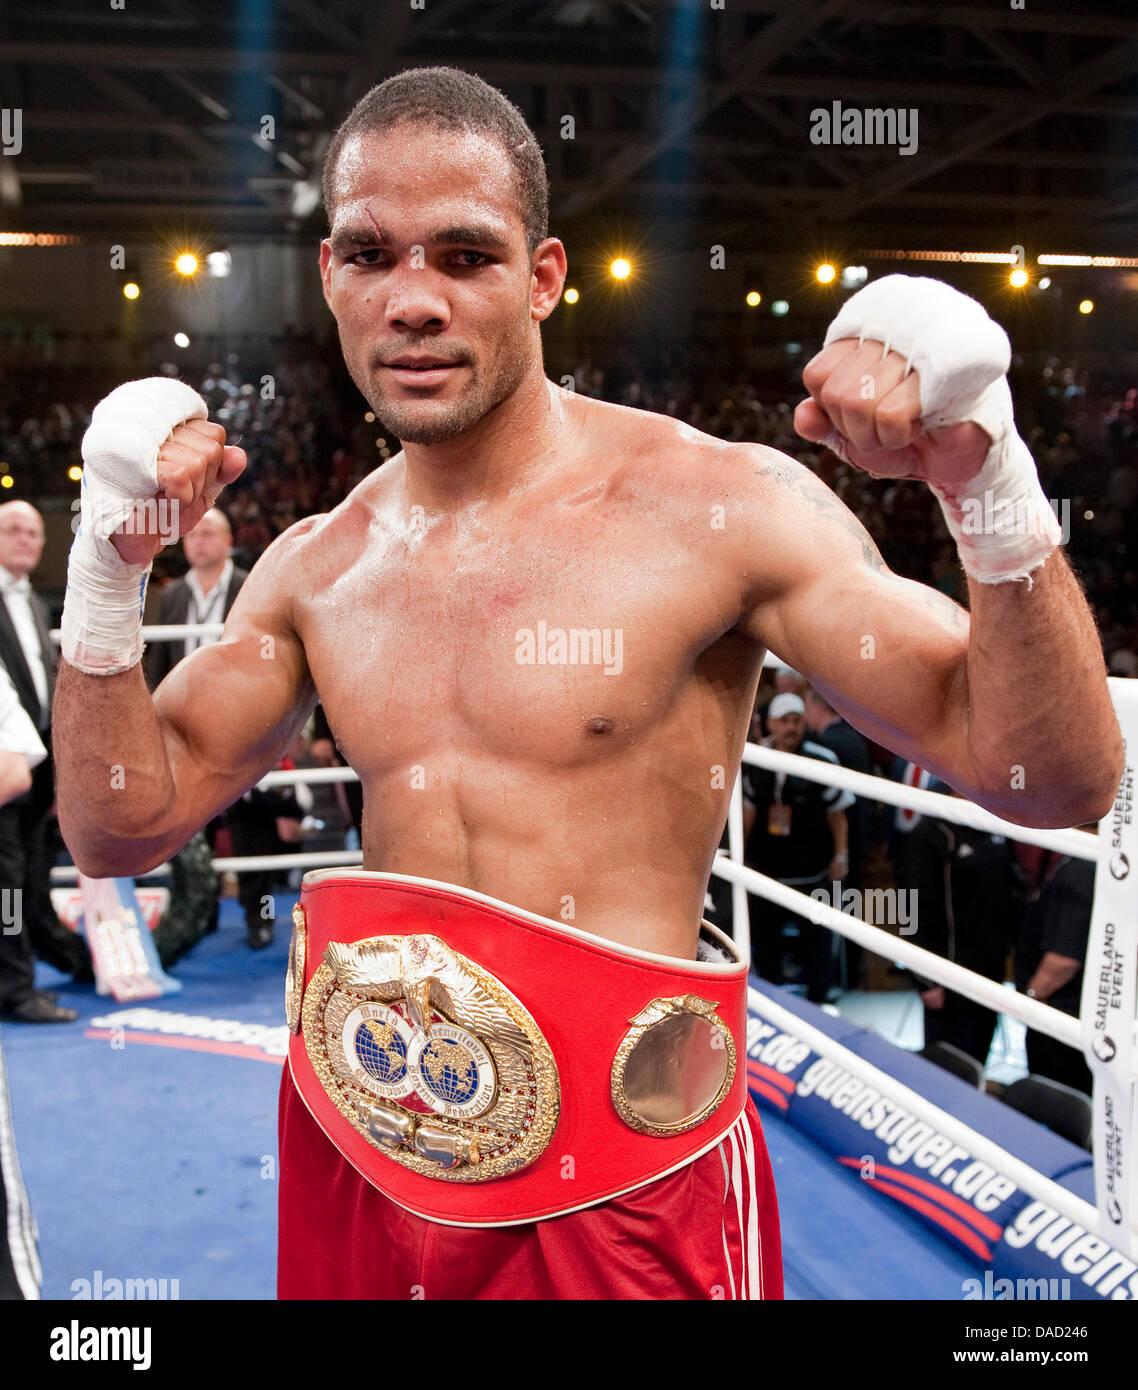 Boxeur Cubain Yoan Pablo Hernandez Cheers Apres Le Championnat Du